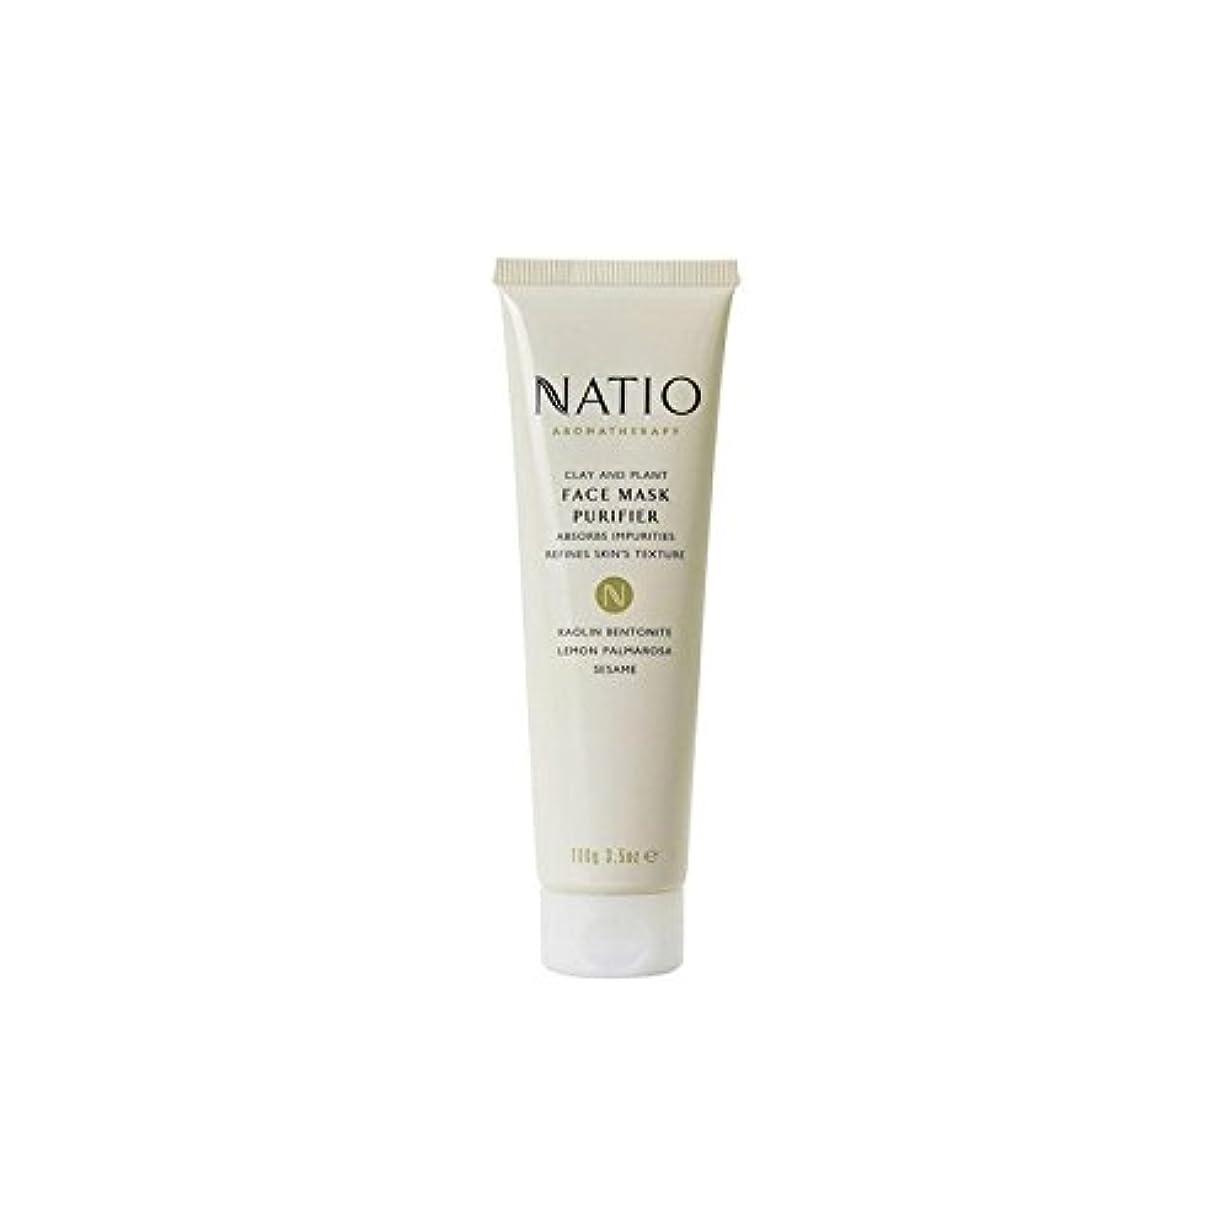 政令変更きちんとしたNatio Clay & Plant Face Mask Purifier (100G) (Pack of 6) - 粘土&植物フェイスマスクの浄化(100グラム) x6 [並行輸入品]